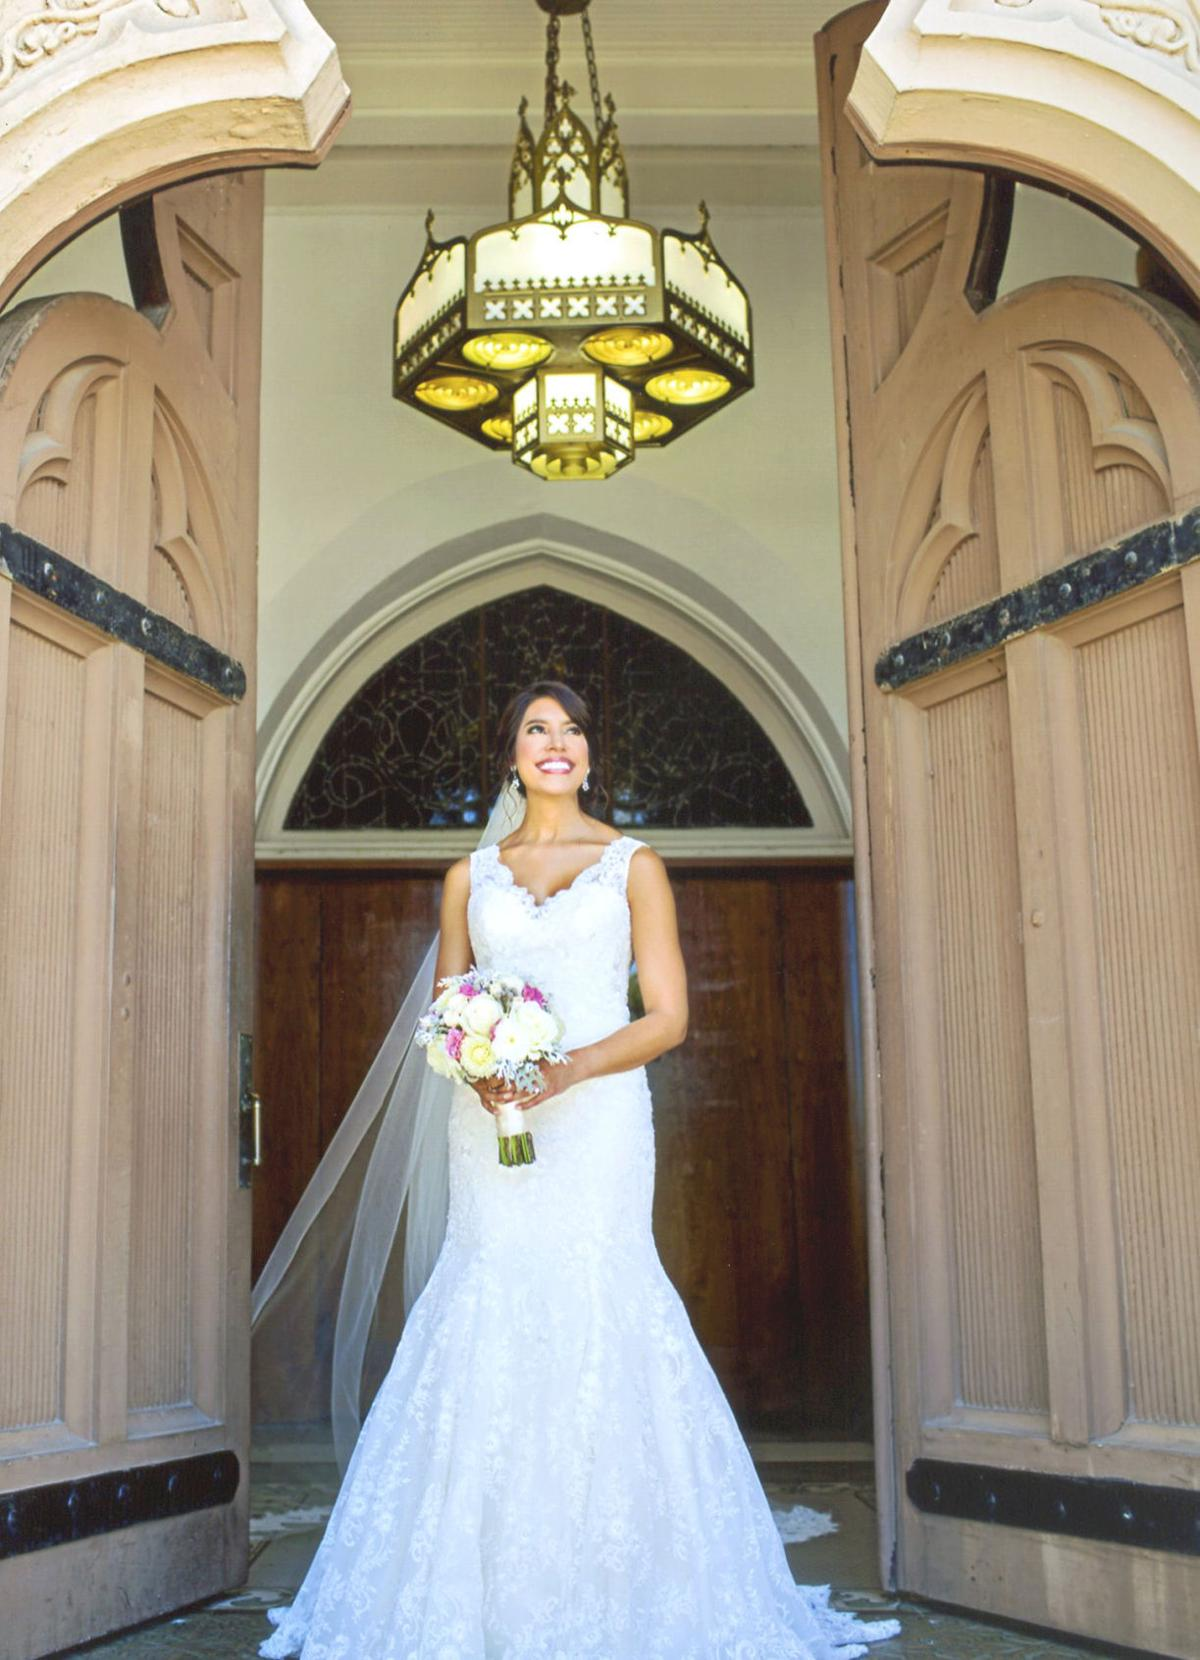 Carol Elizabeth Trevino Weds Blaine Patrick Donner